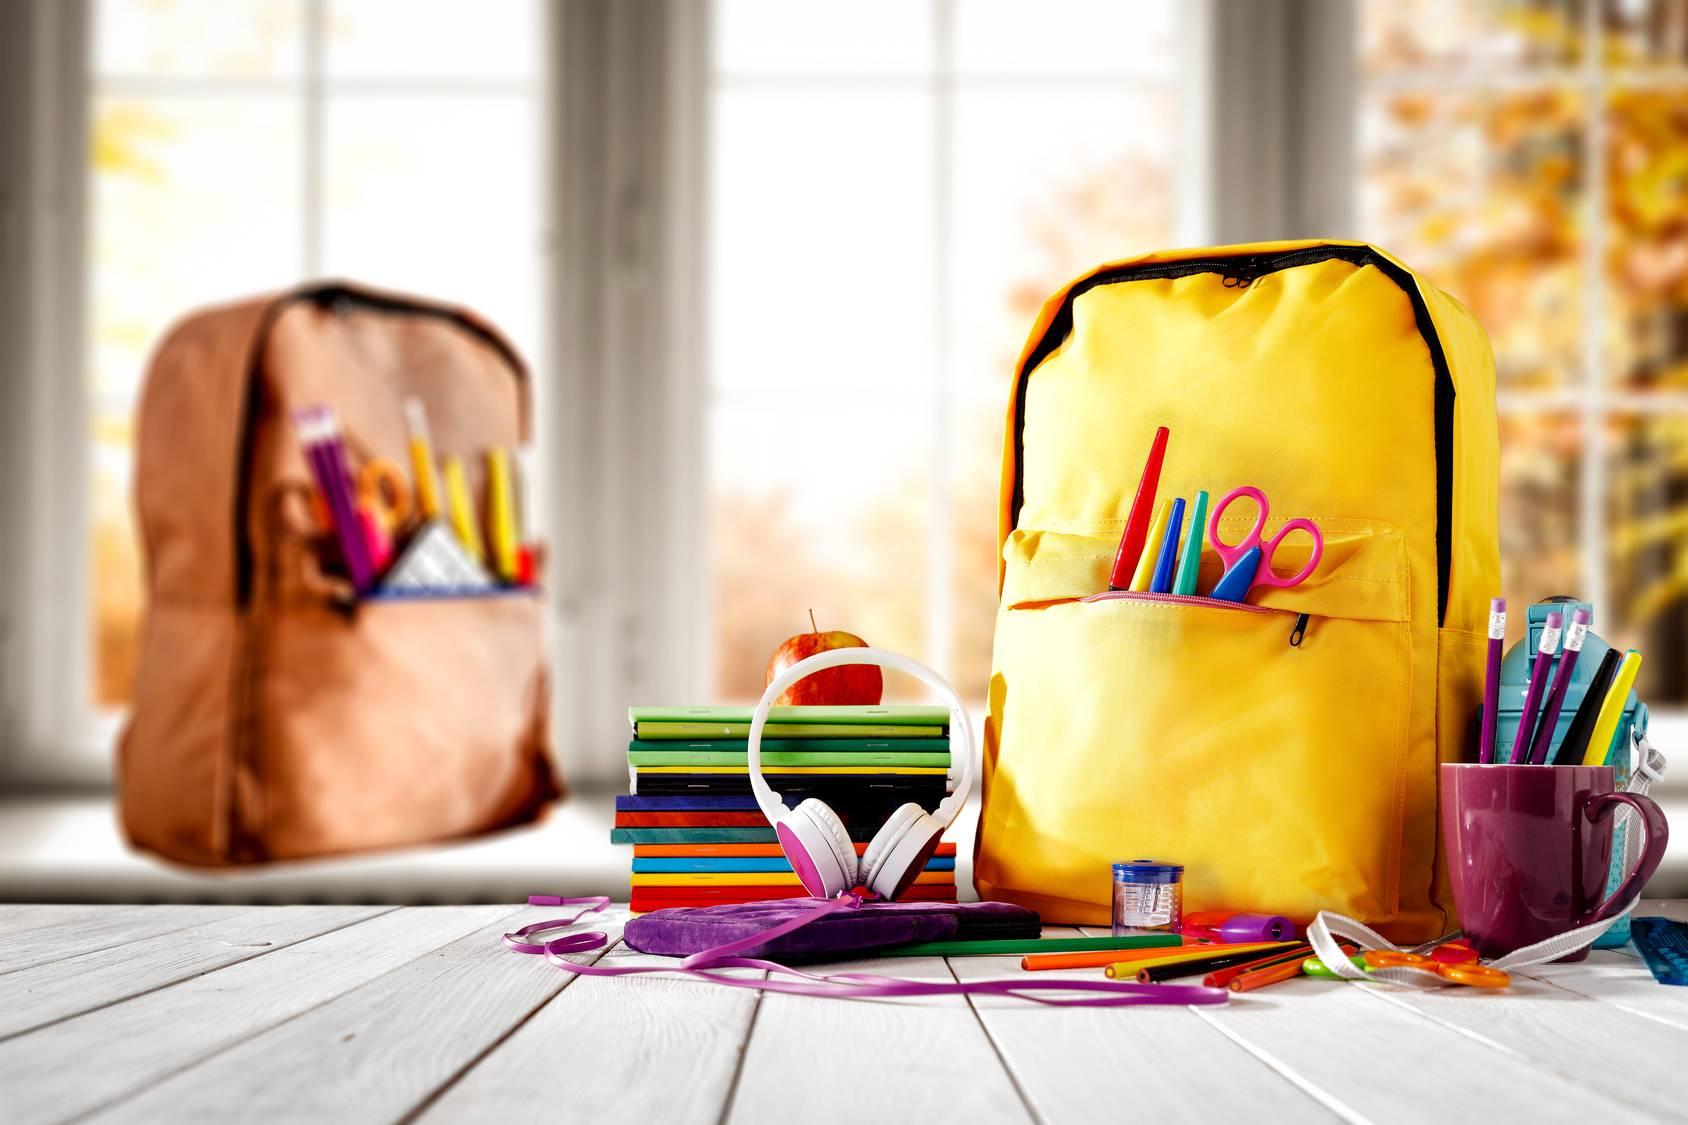 Szkolny plecak wcale nie powoduje bólu kręgosłupa? Kolorowe plecaki i przybory szkolne.